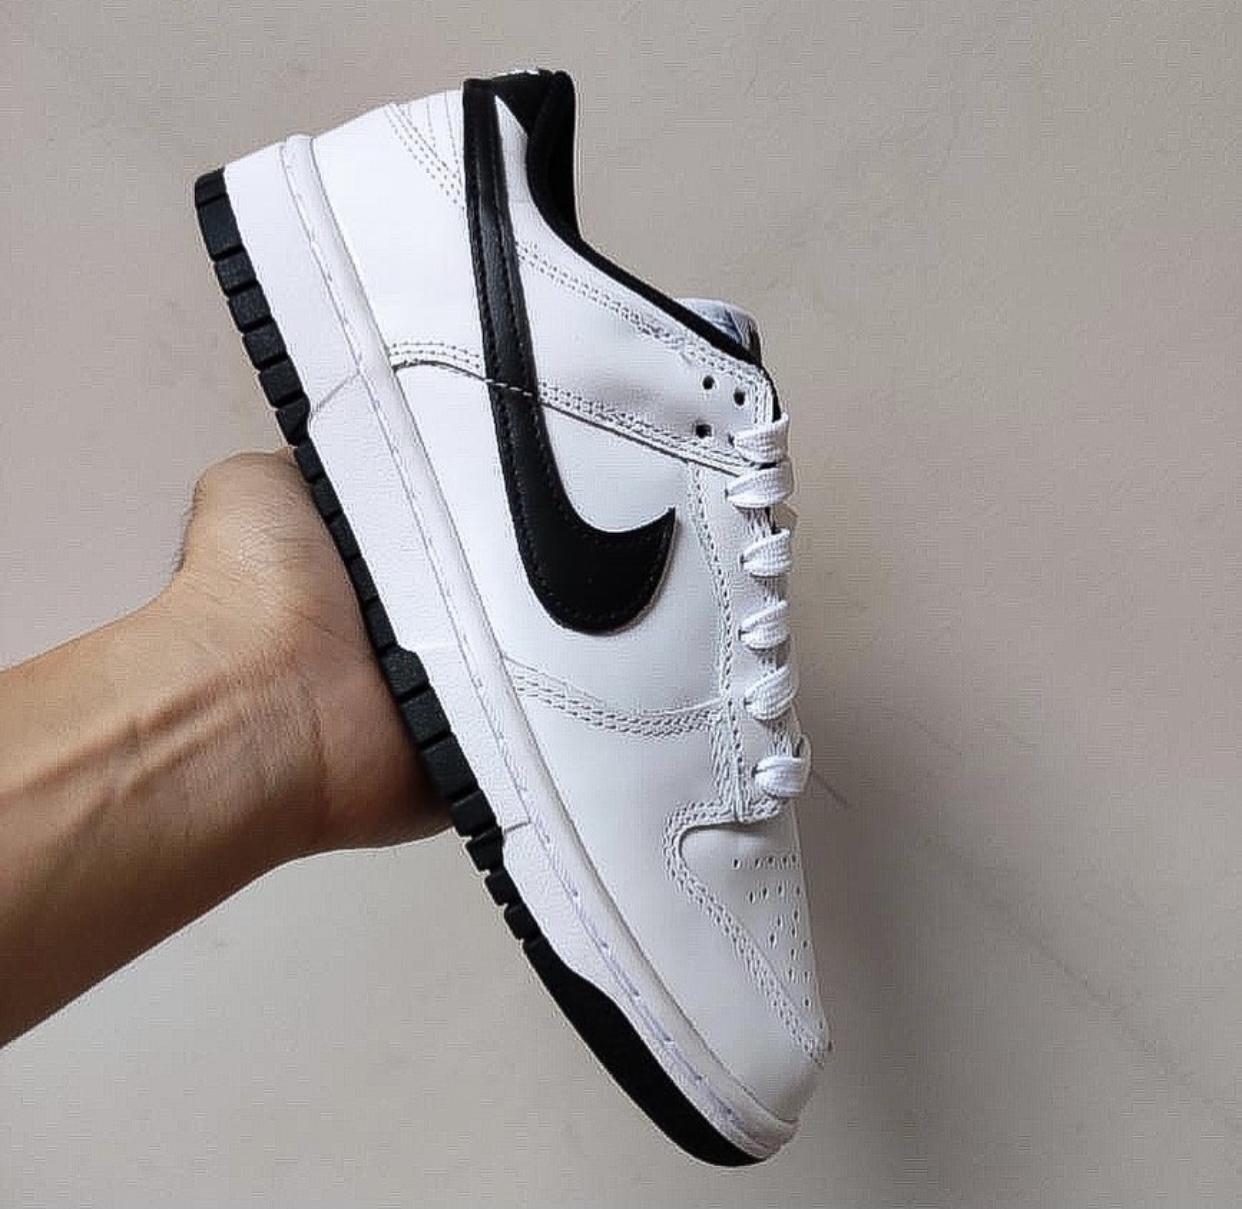 Swoosh, Nike Dunk Low, Nike Dunk, NIKE, Dunk Low, Dunk, Black